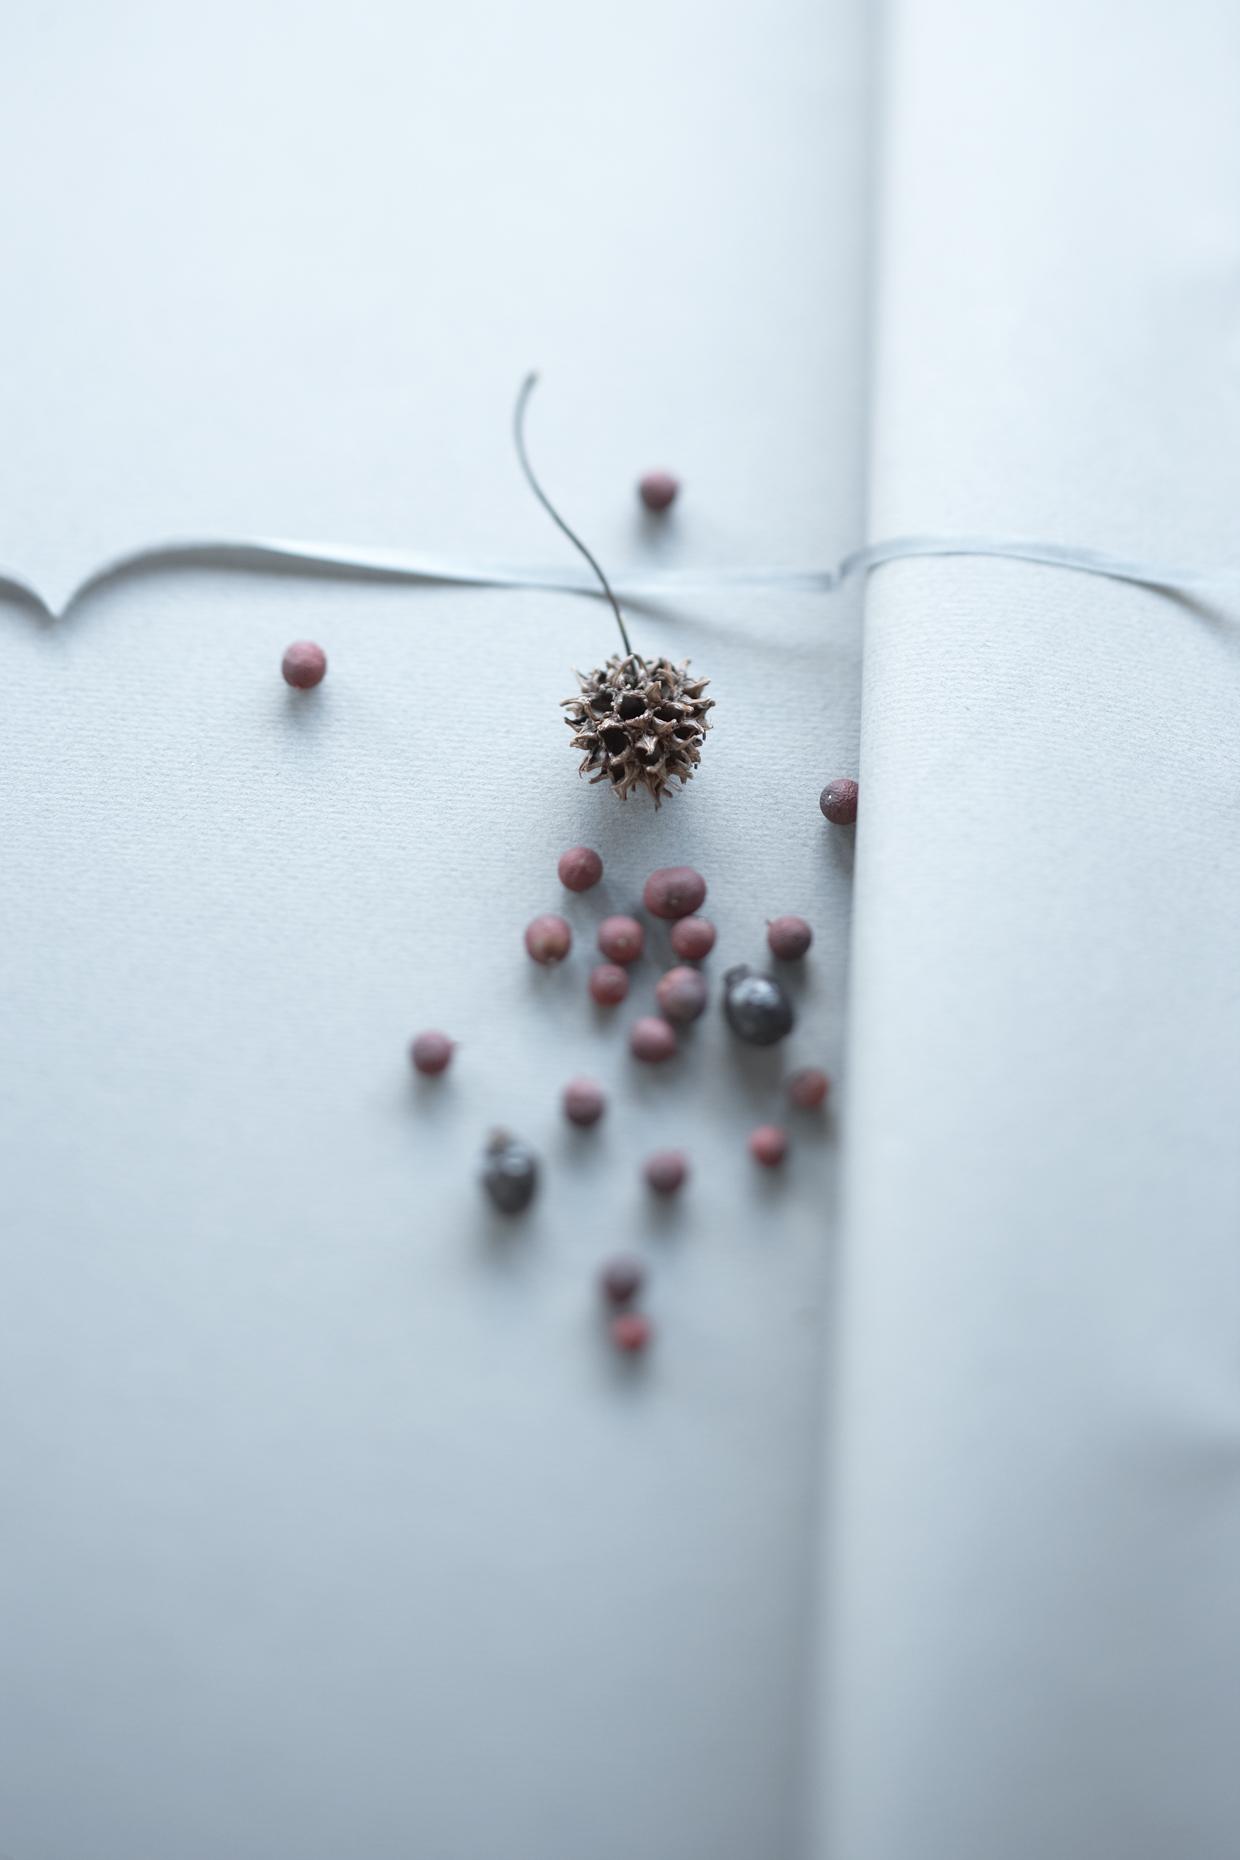 Product Photography StillLife Derek Israelsen Berries